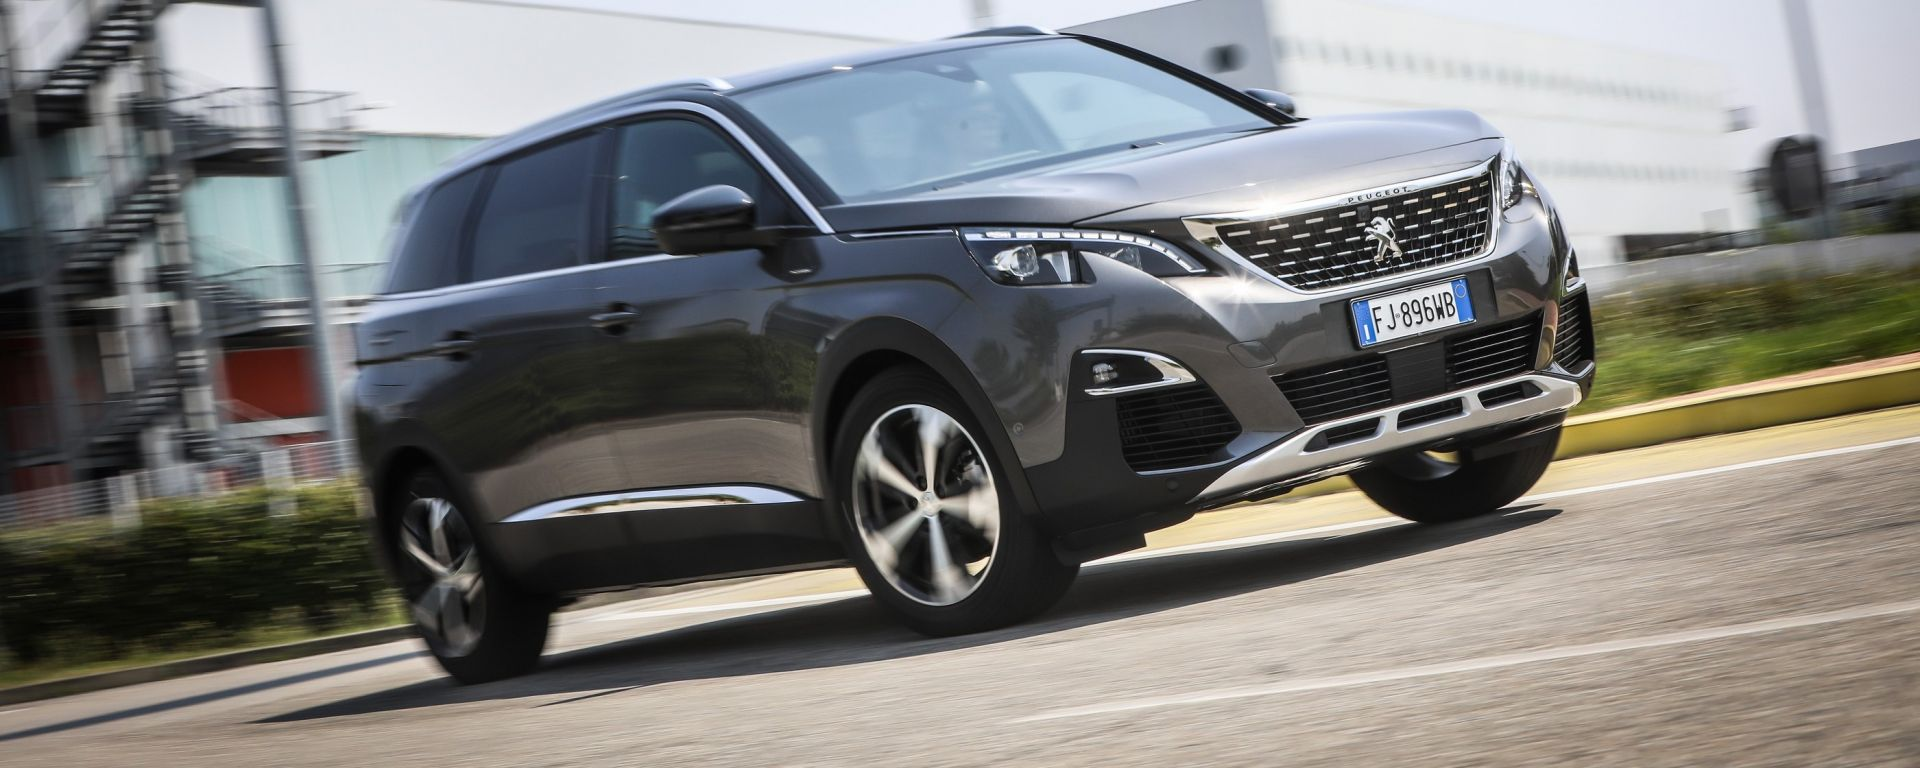 Nuova Peugeot 5008: ecco perché ha tanto spazio | Cool Factor